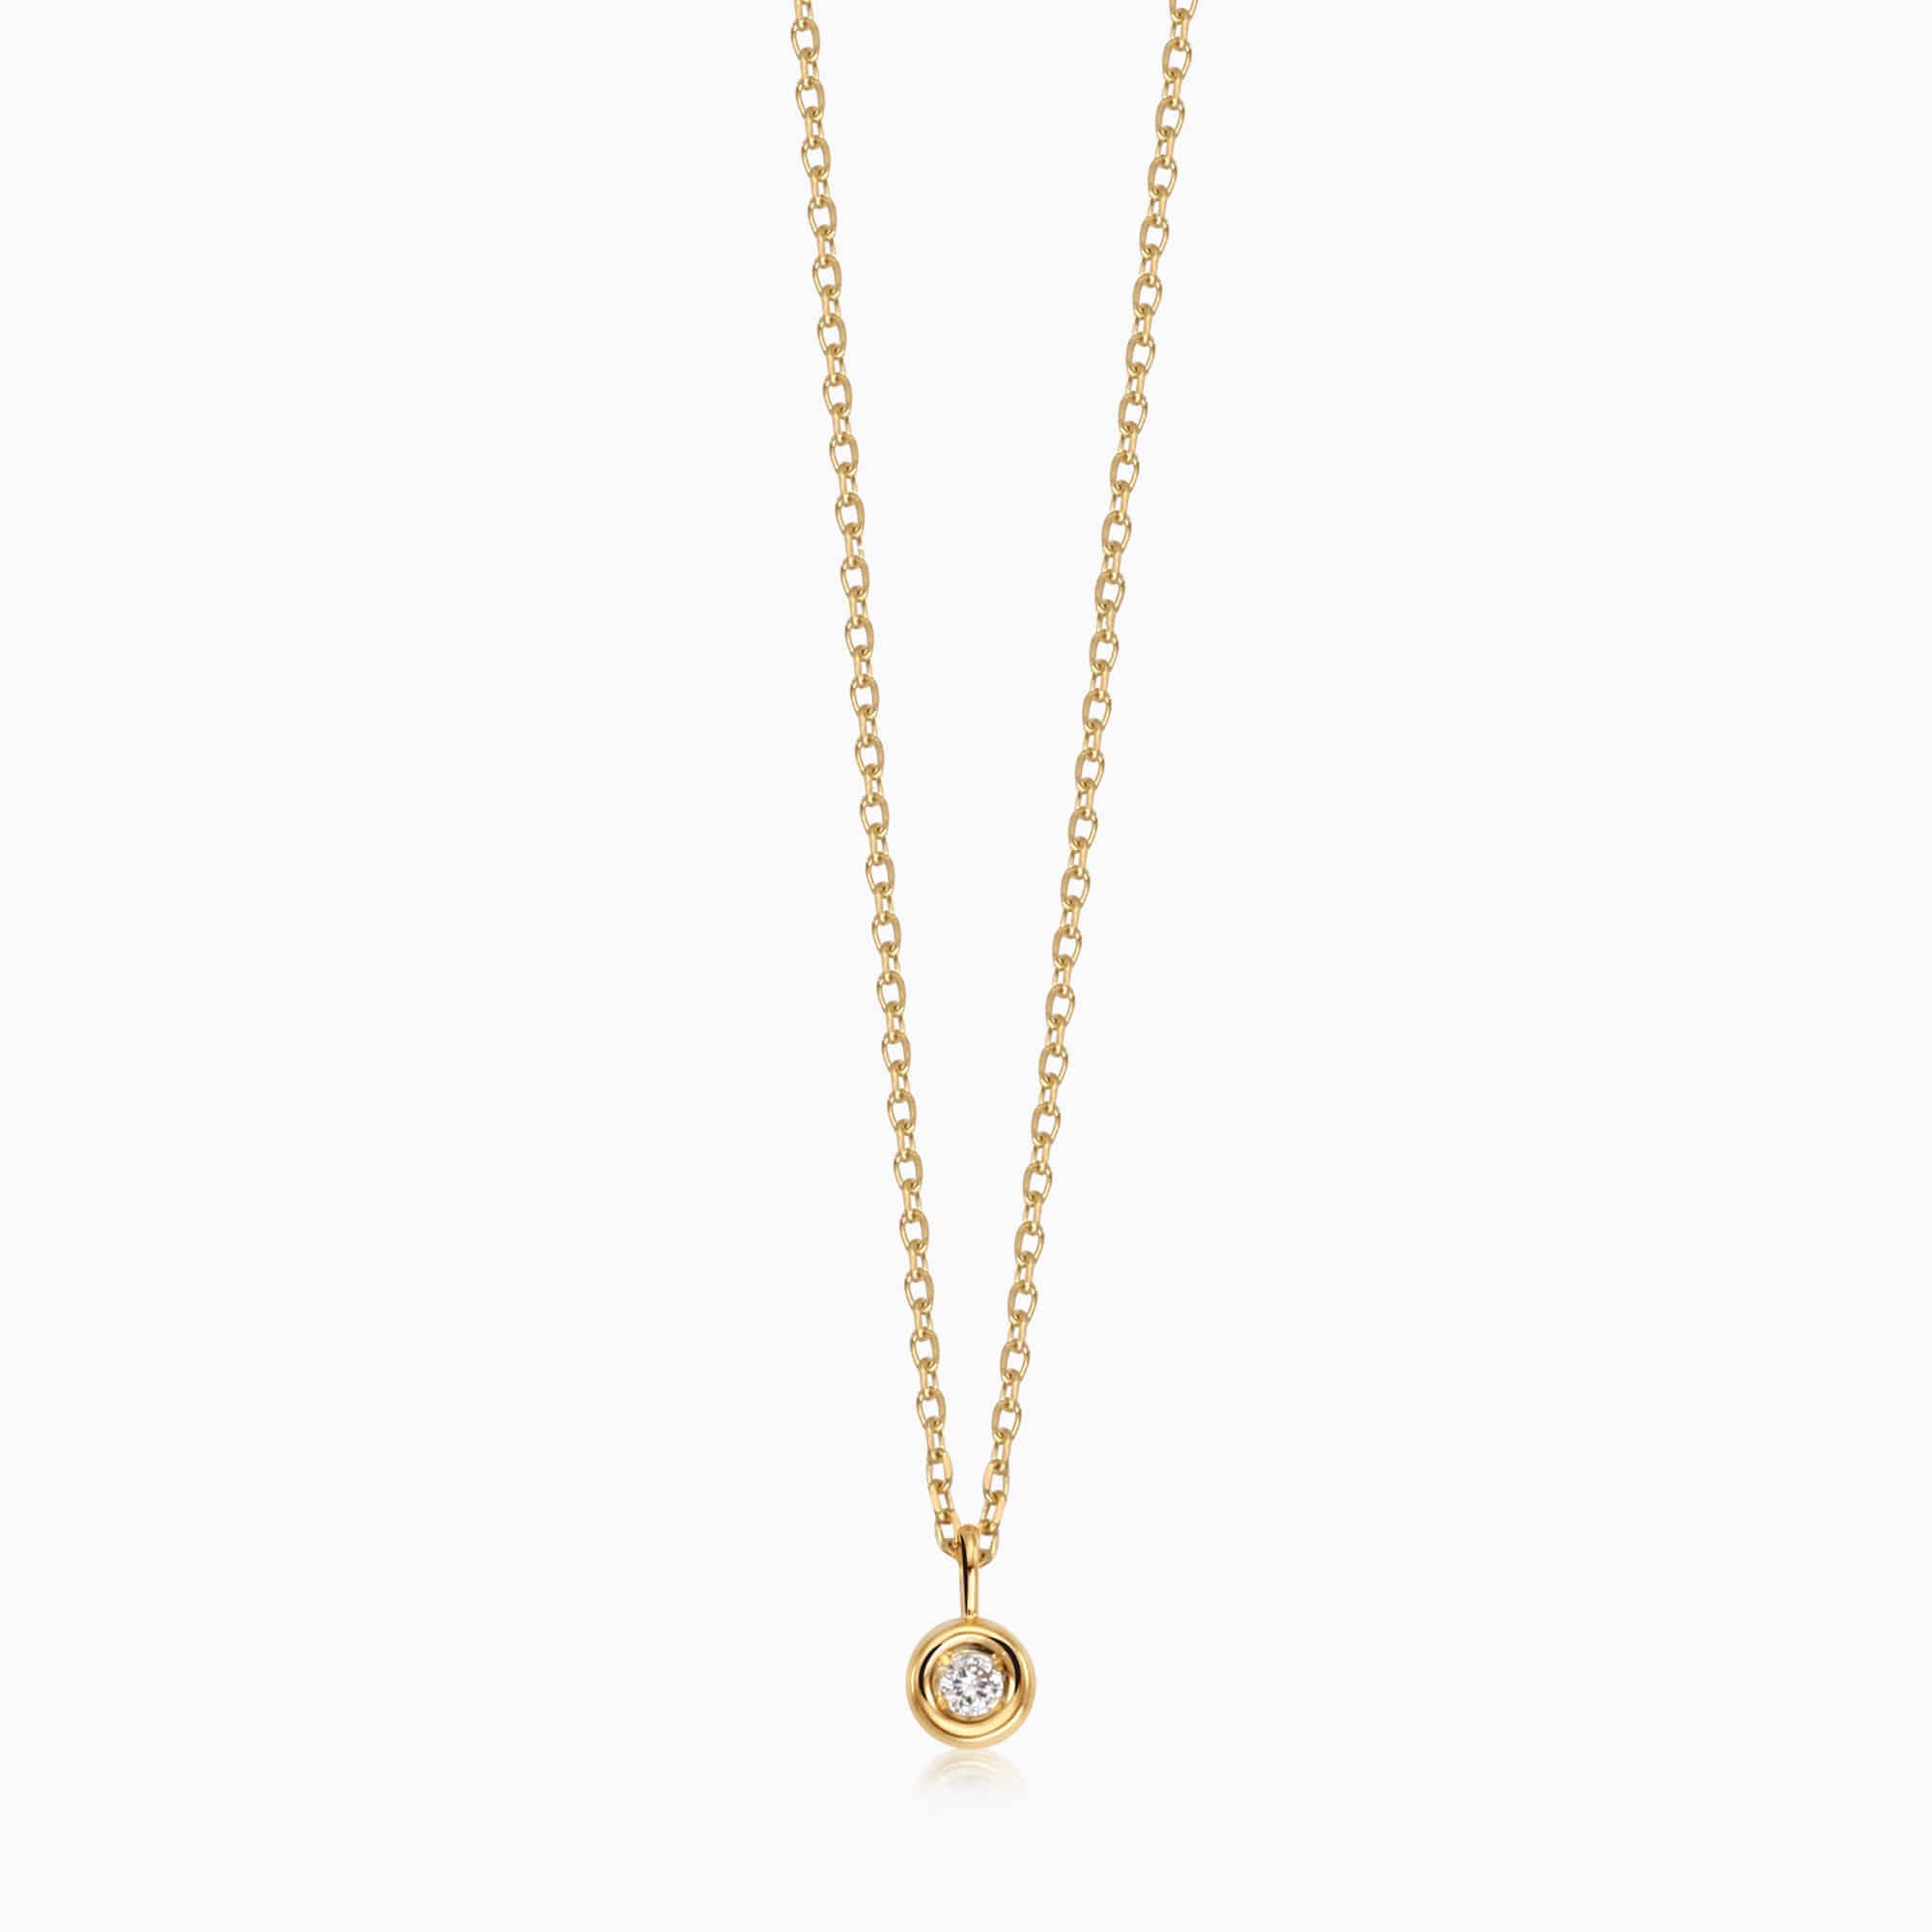 14K/18K Gold April Diamond Natural Birthstone Necklace - Lucky Gem